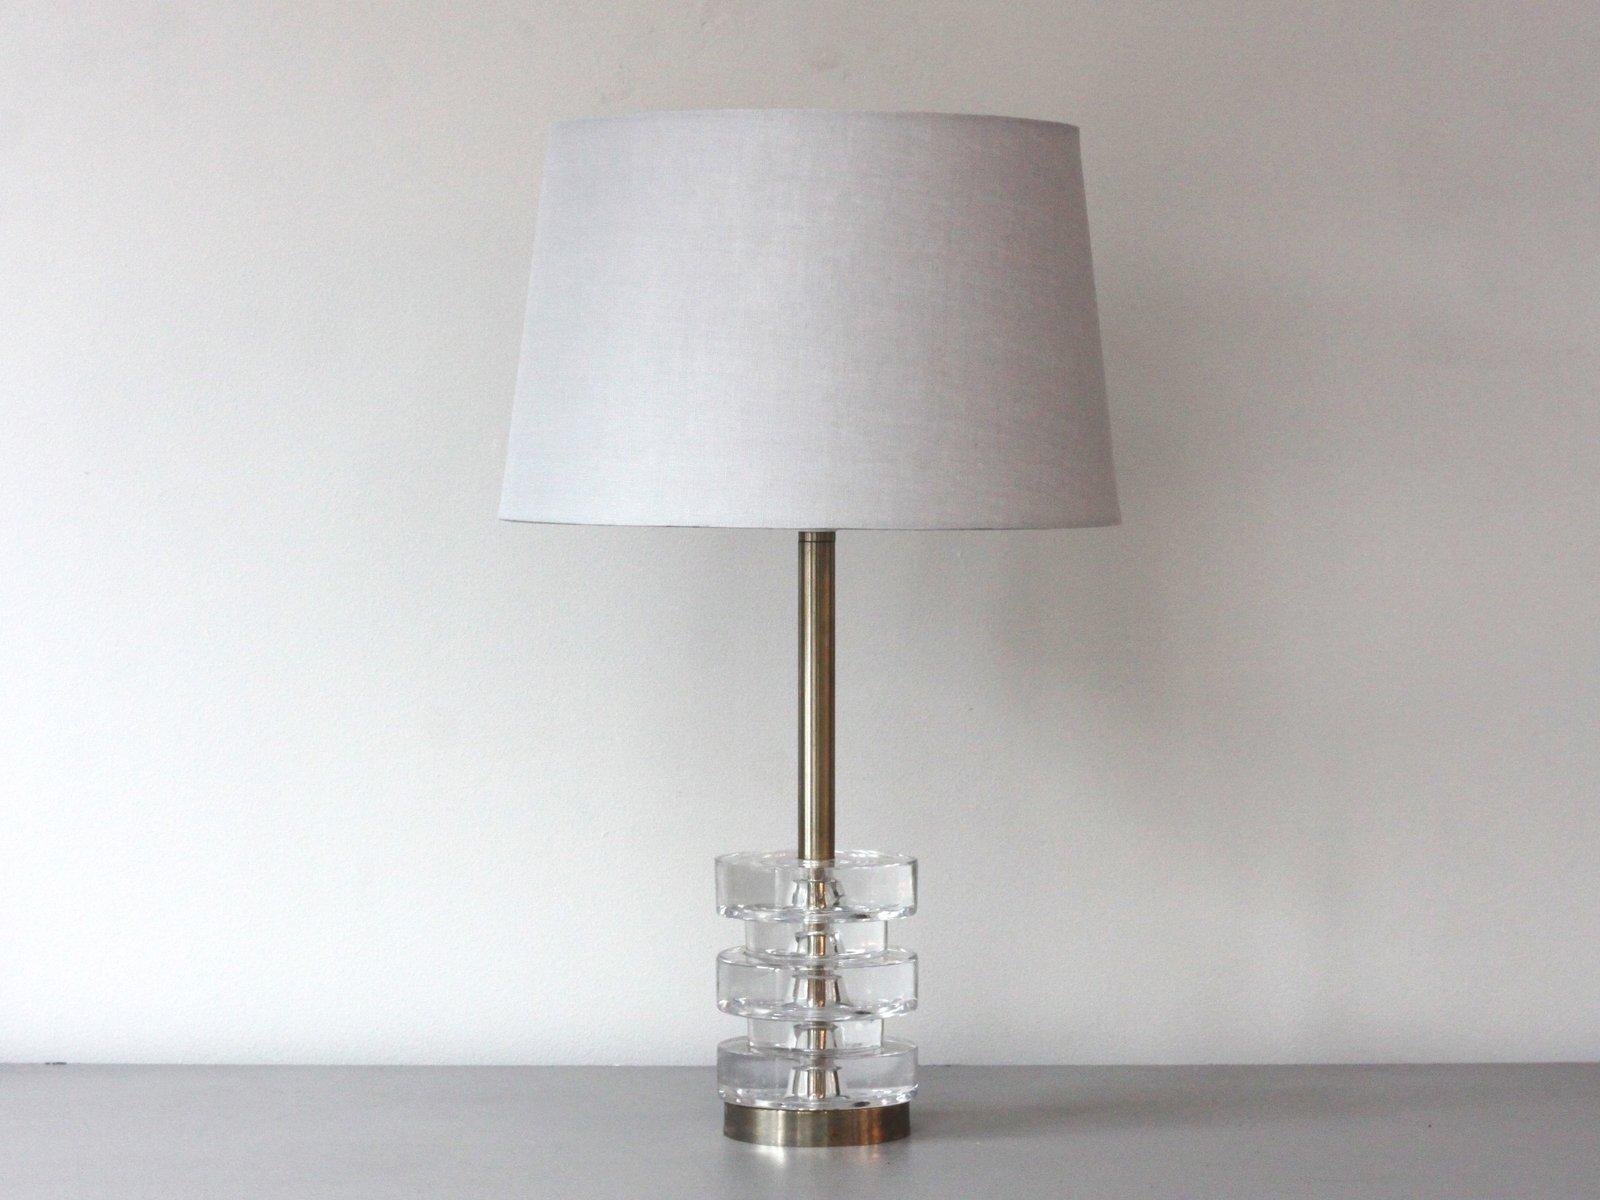 Schwedische Tischlampe von Carl Fagerlund für Orrefors